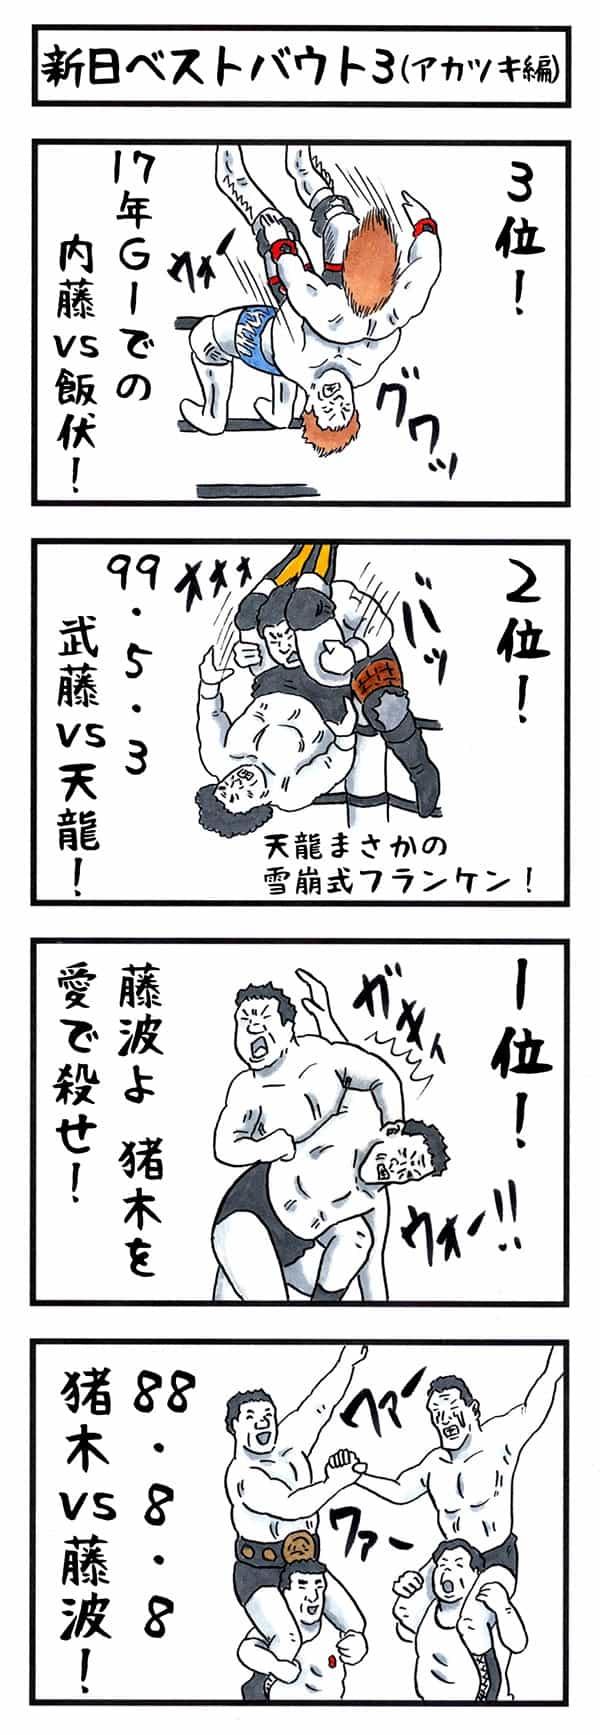 「新日本プロレス」わが名勝負を4コマ漫画で描いてみた